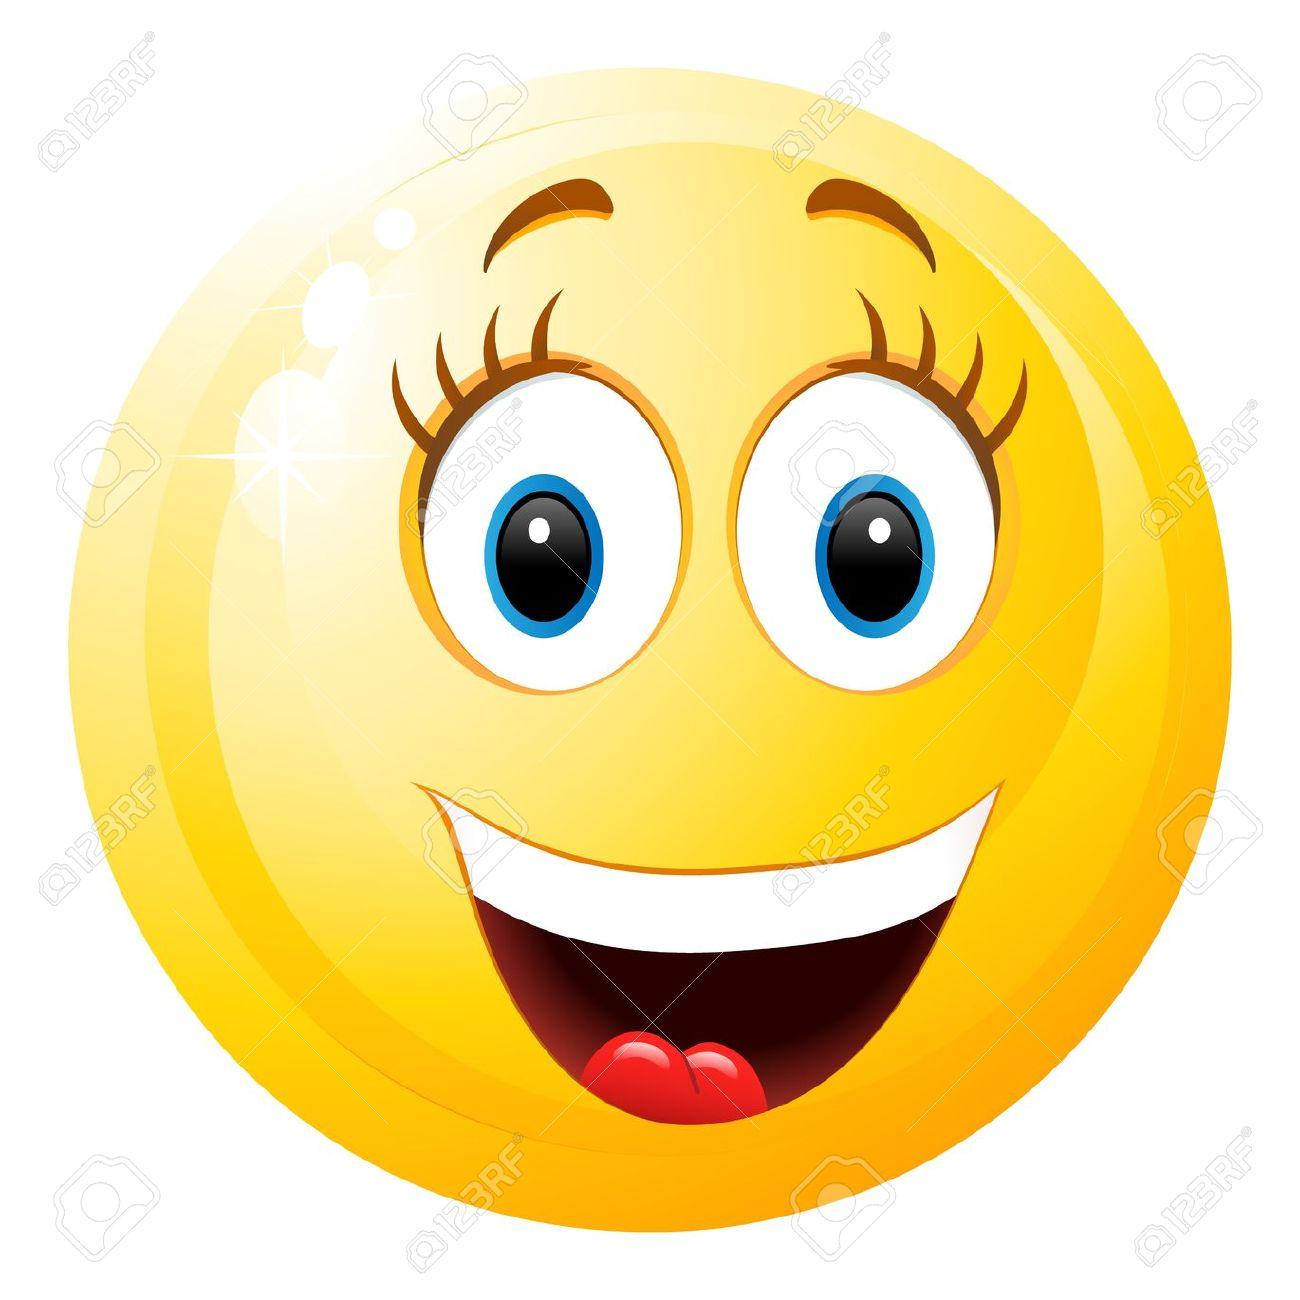 Chick clipart emoticon Cartoon Vector jpg girl 21950615